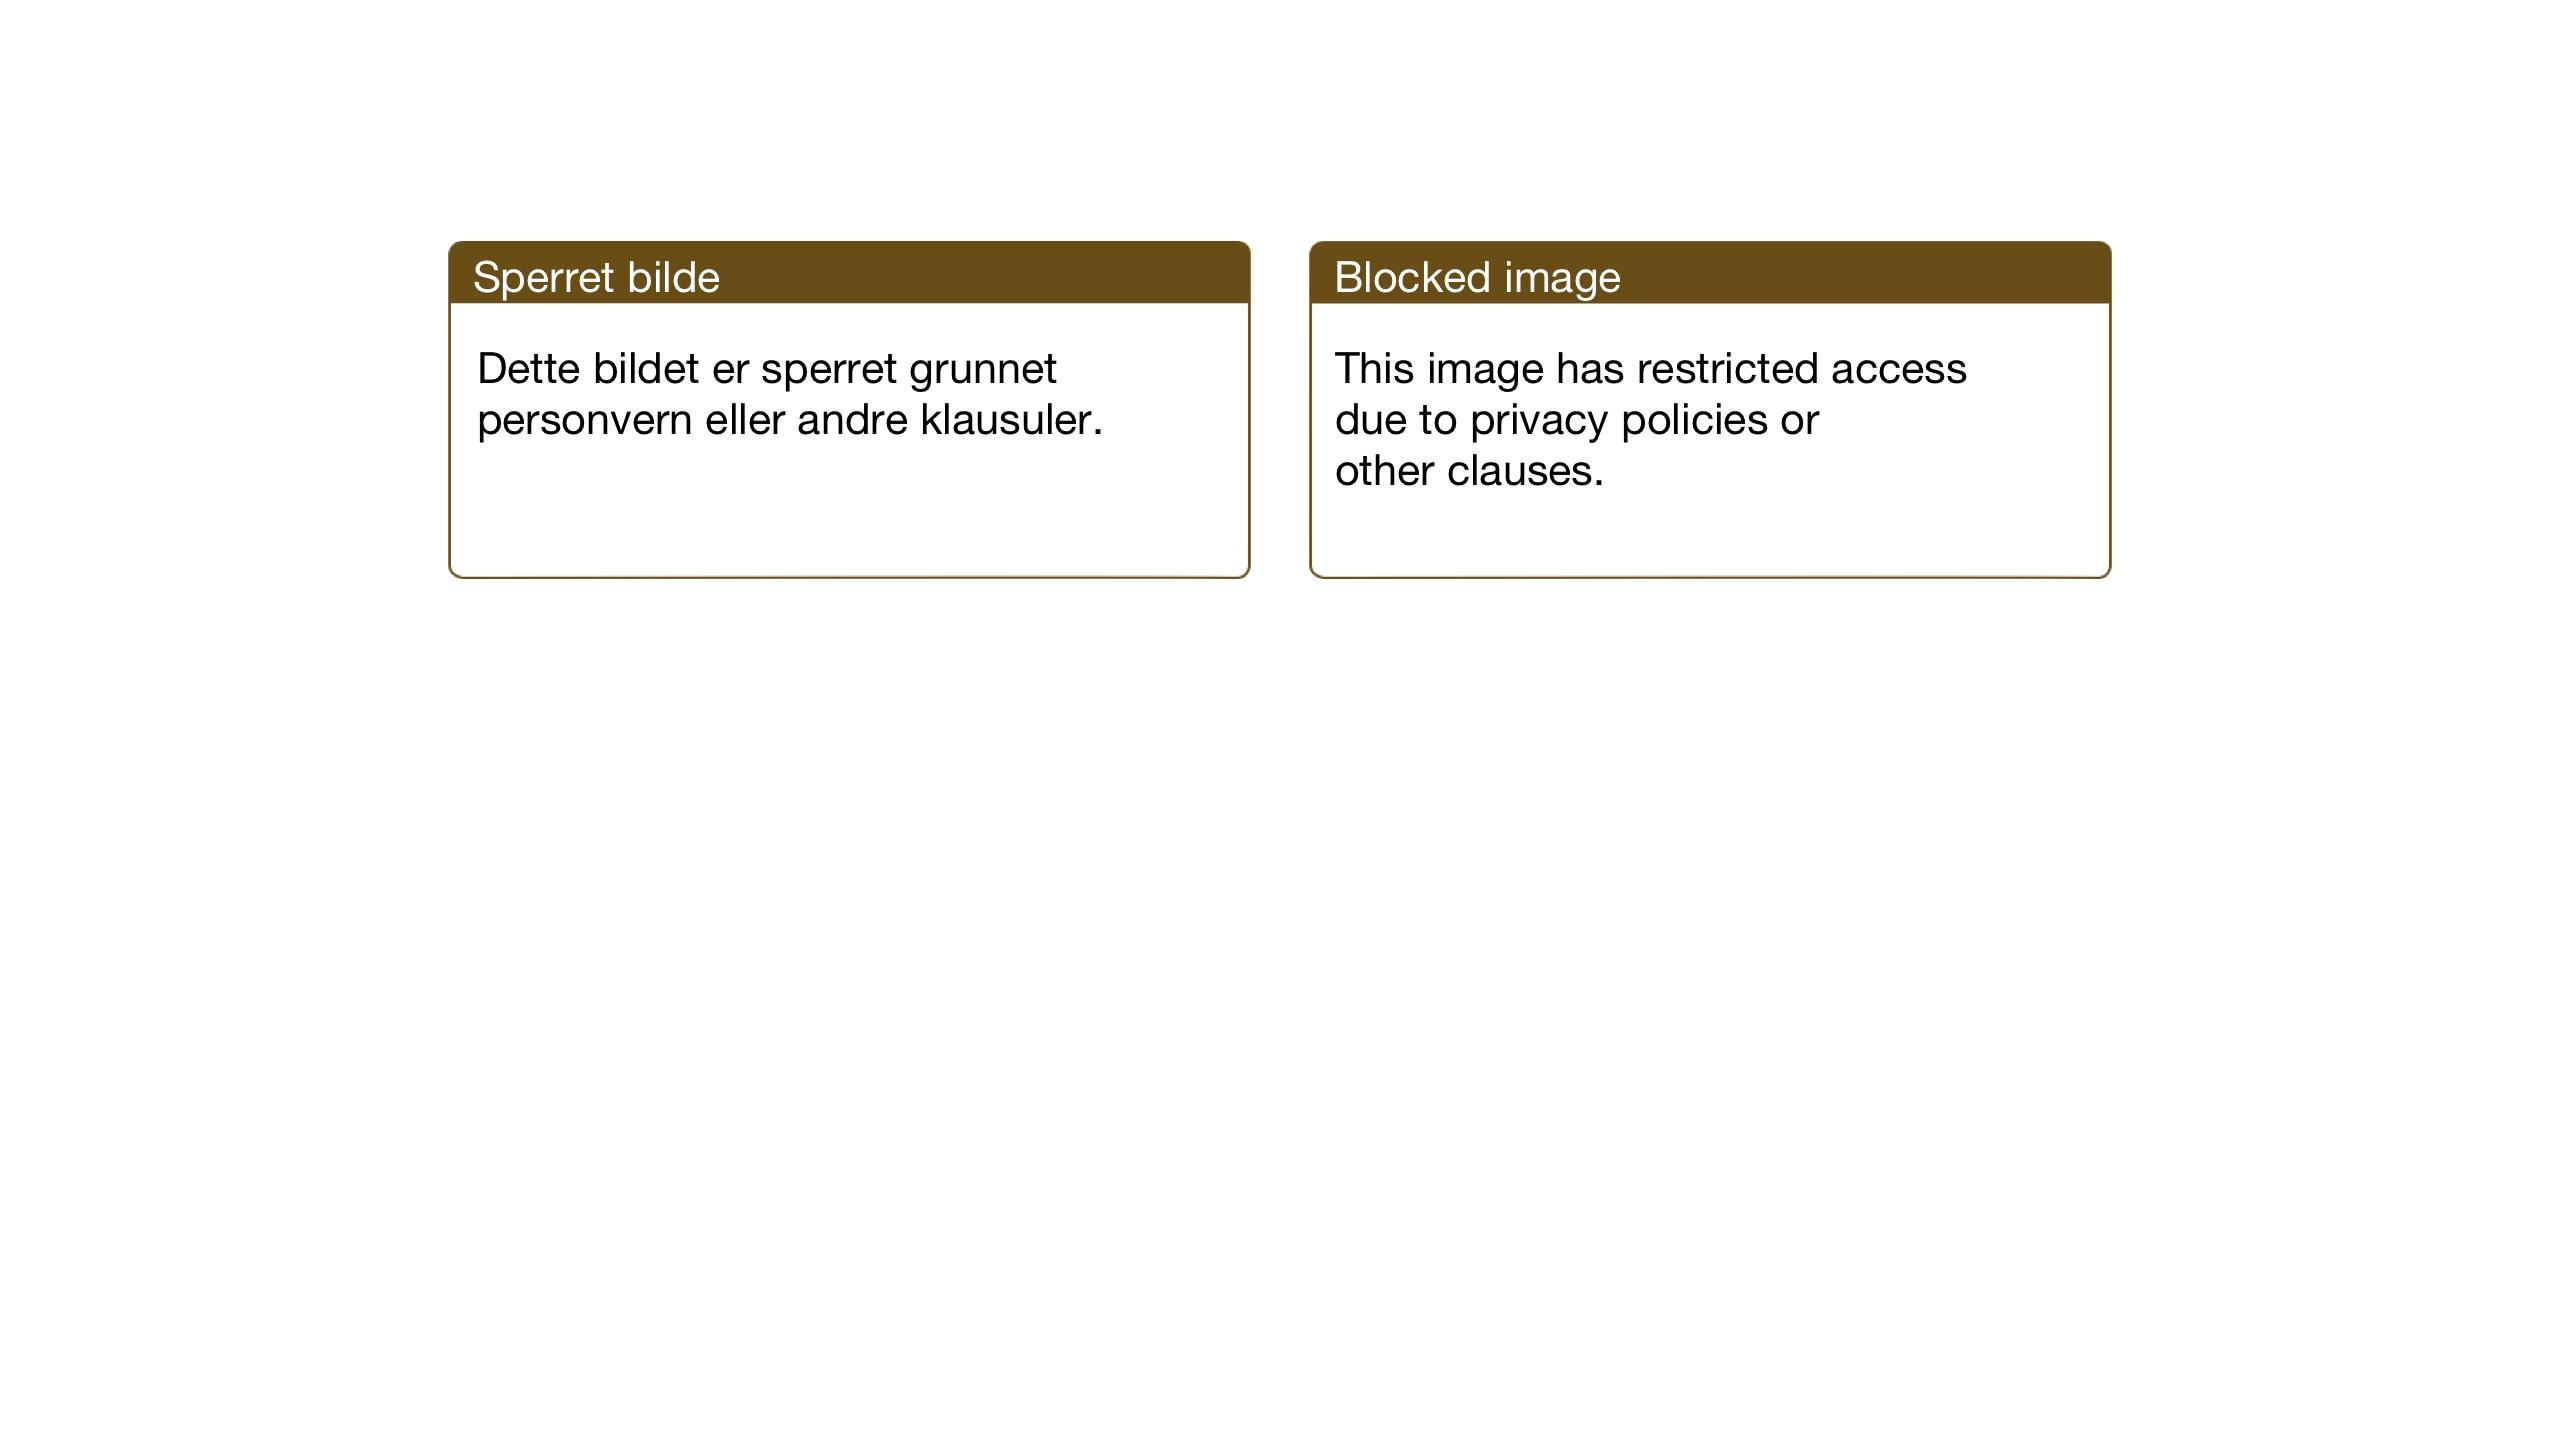 SAT, Ministerialprotokoller, klokkerbøker og fødselsregistre - Sør-Trøndelag, 662/L0758: Klokkerbok nr. 662C03, 1918-1948, s. 58